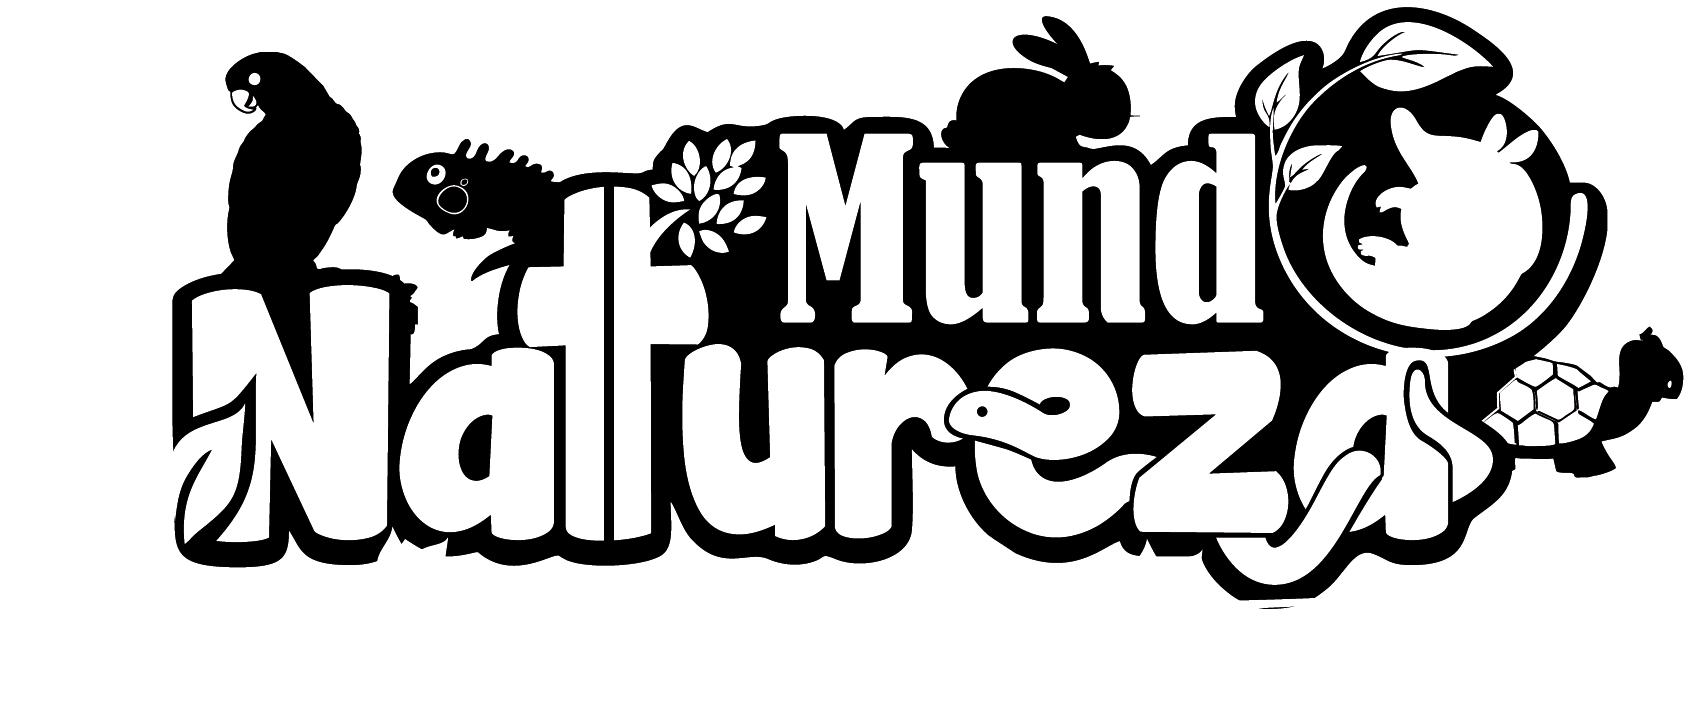 MUNDO NATUREZA - PRETO E BRANCO 1